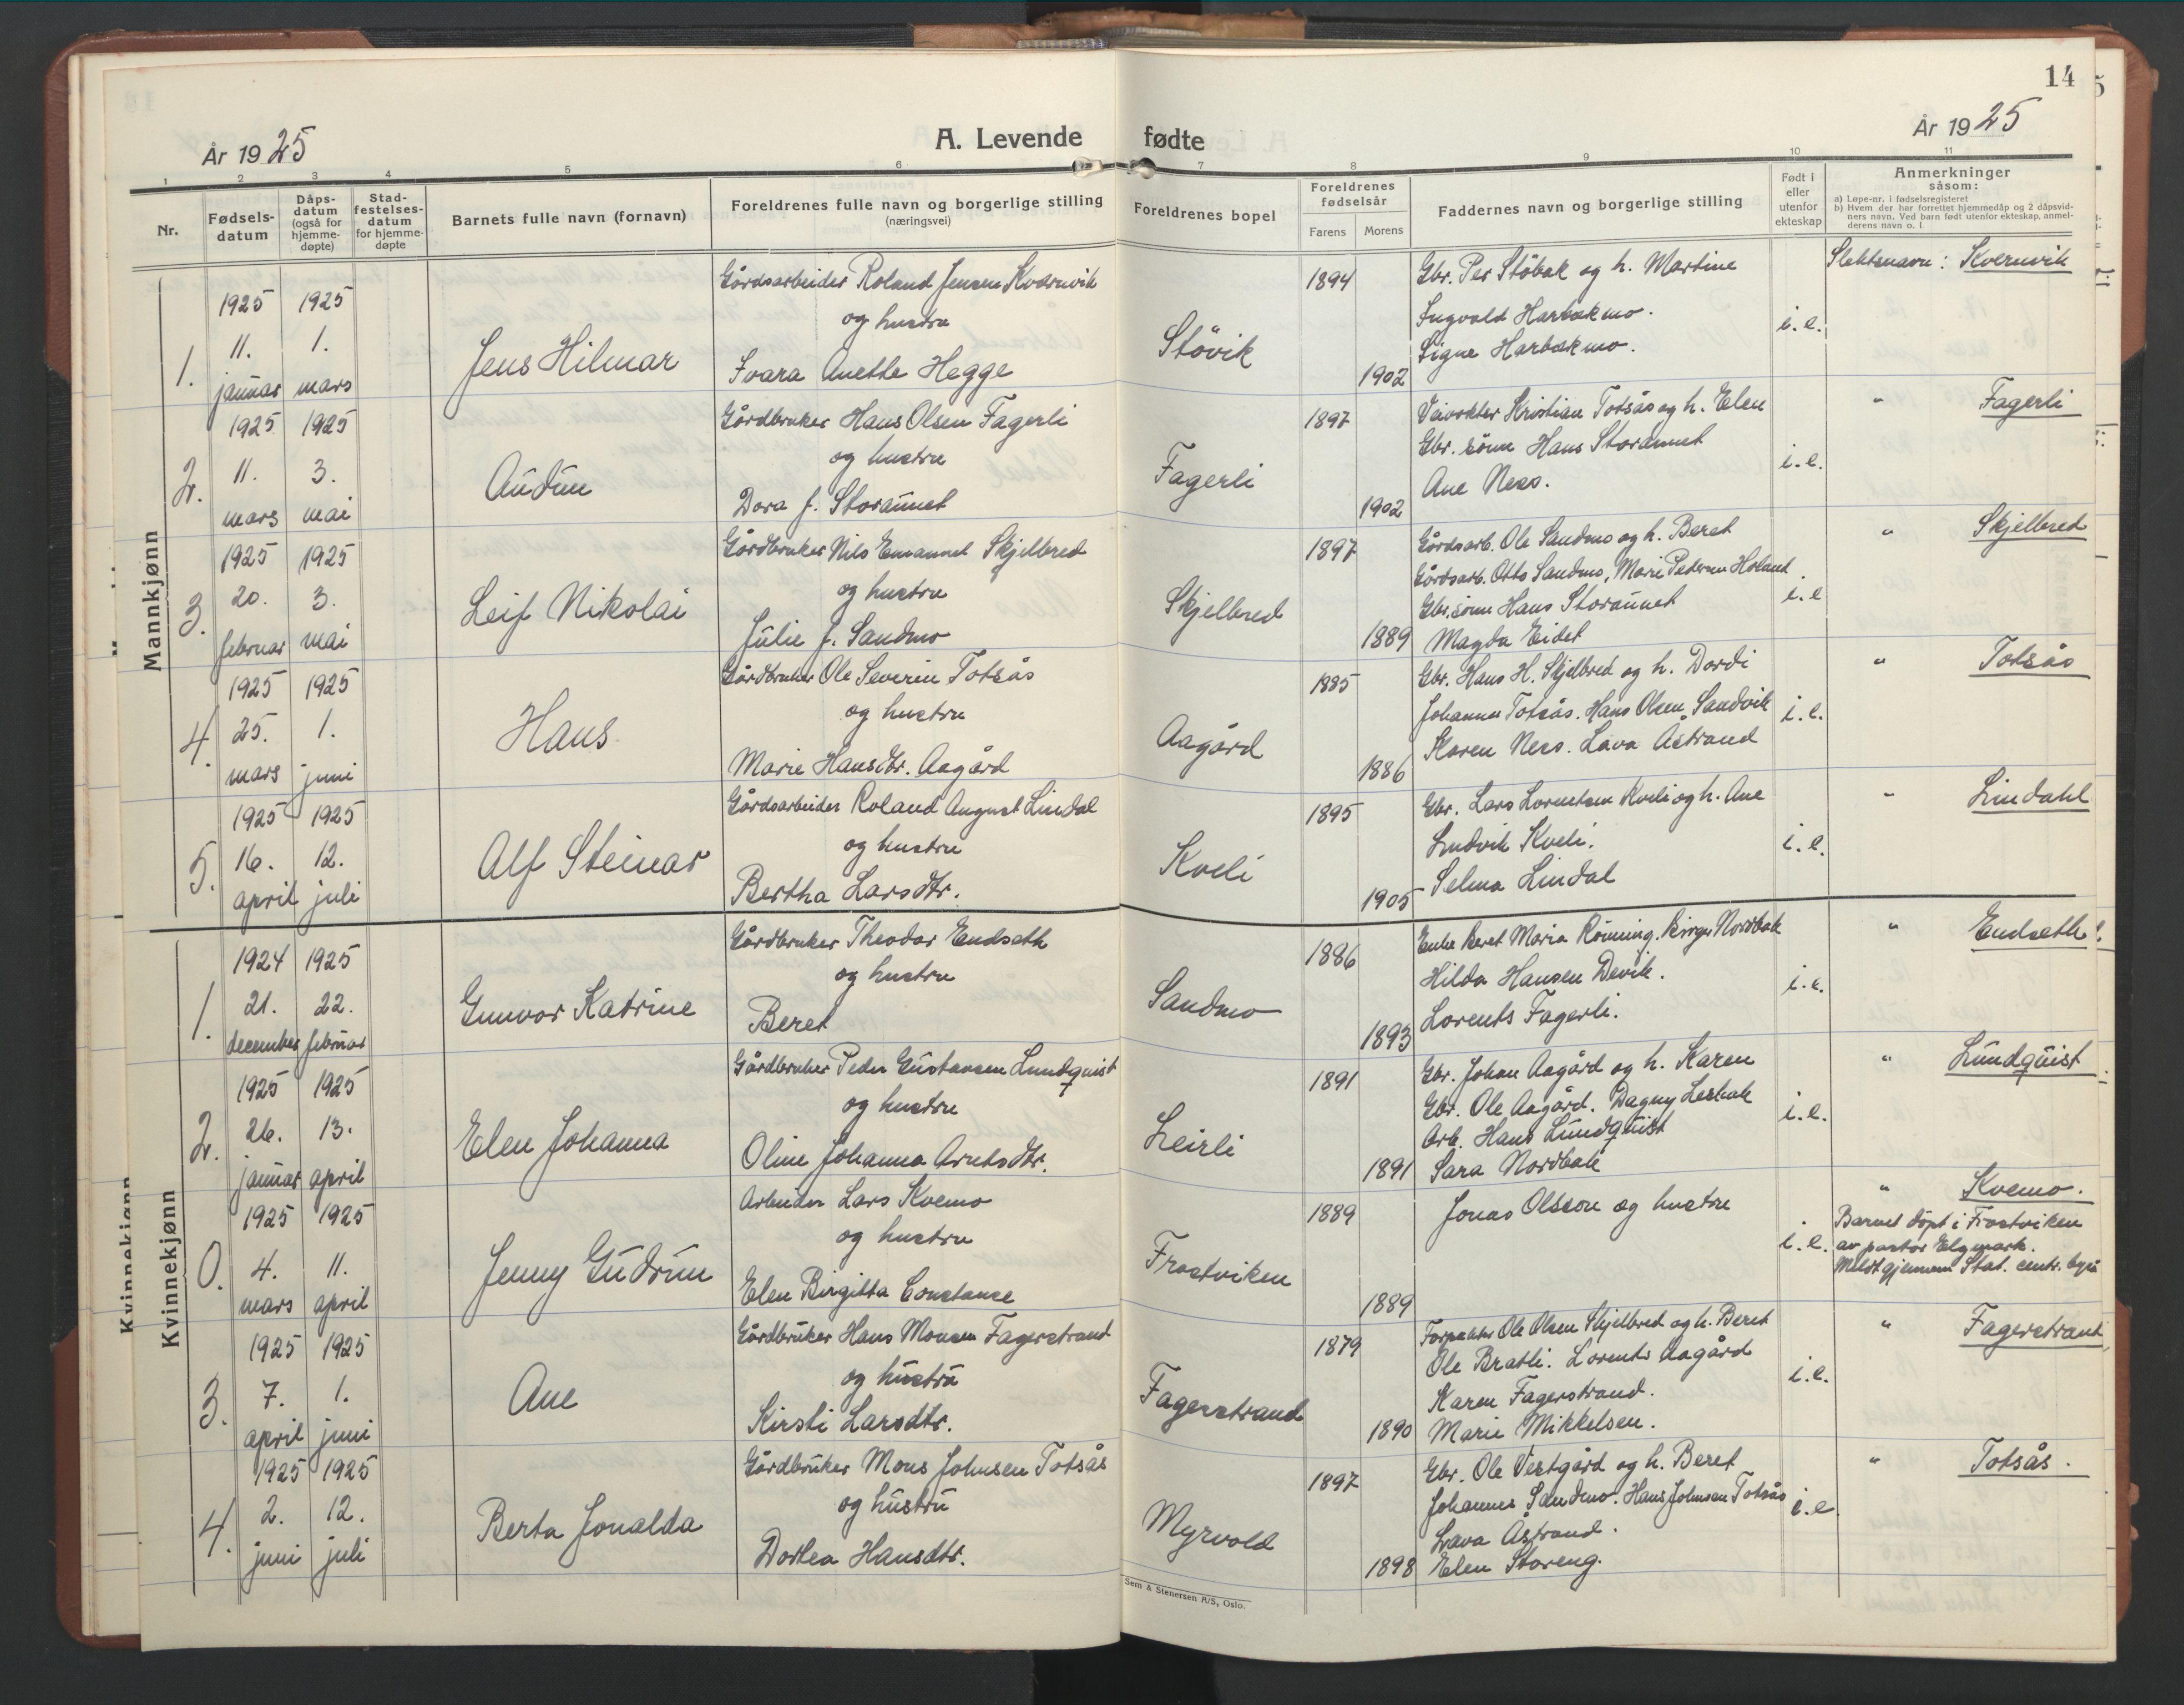 SAT, Ministerialprotokoller, klokkerbøker og fødselsregistre - Nord-Trøndelag, 755/L0500: Klokkerbok nr. 755C01, 1920-1962, s. 14